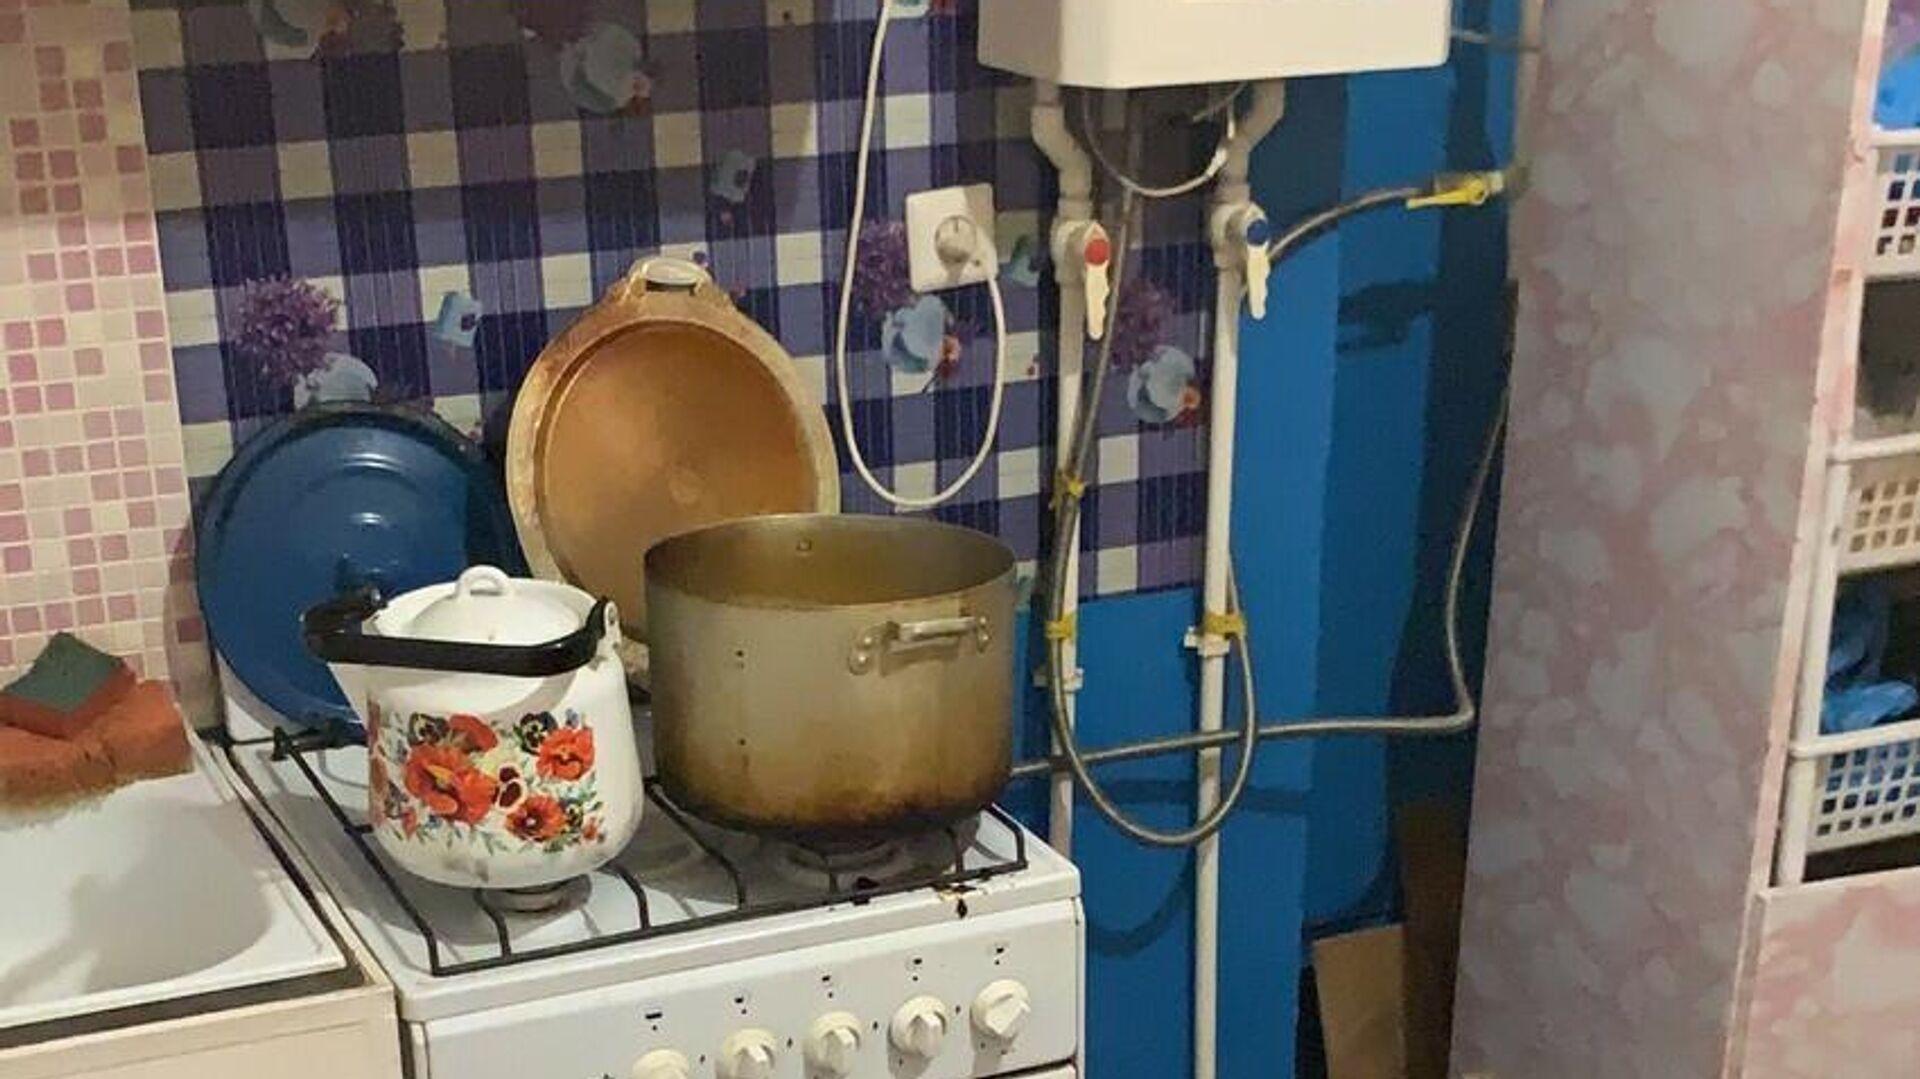 Квартира, в которой пять человек умерли от отравления бытовым газом, Оренбургская область - РИА Новости, 1920, 29.11.2020